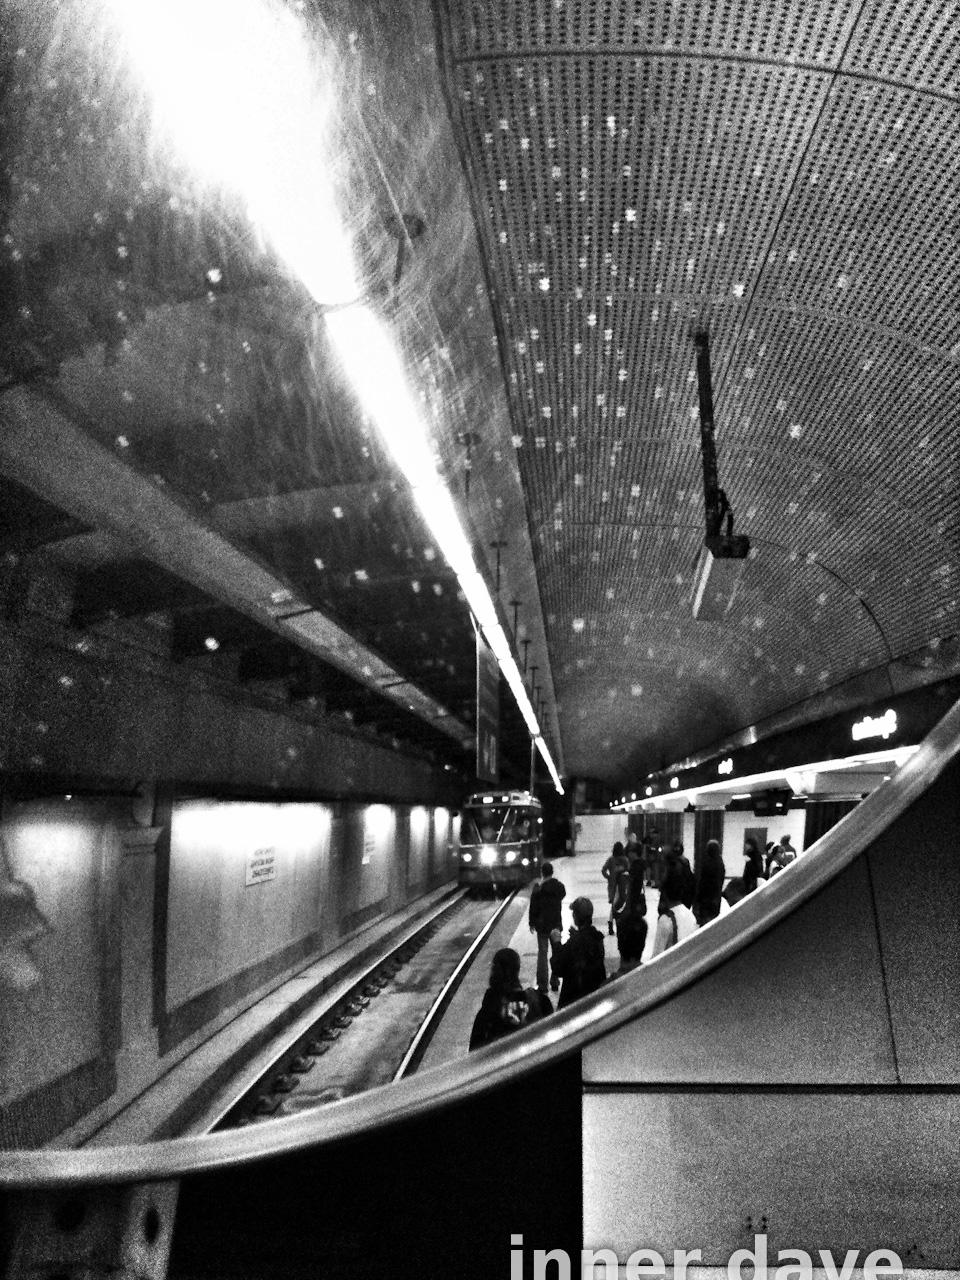 Underground reflection